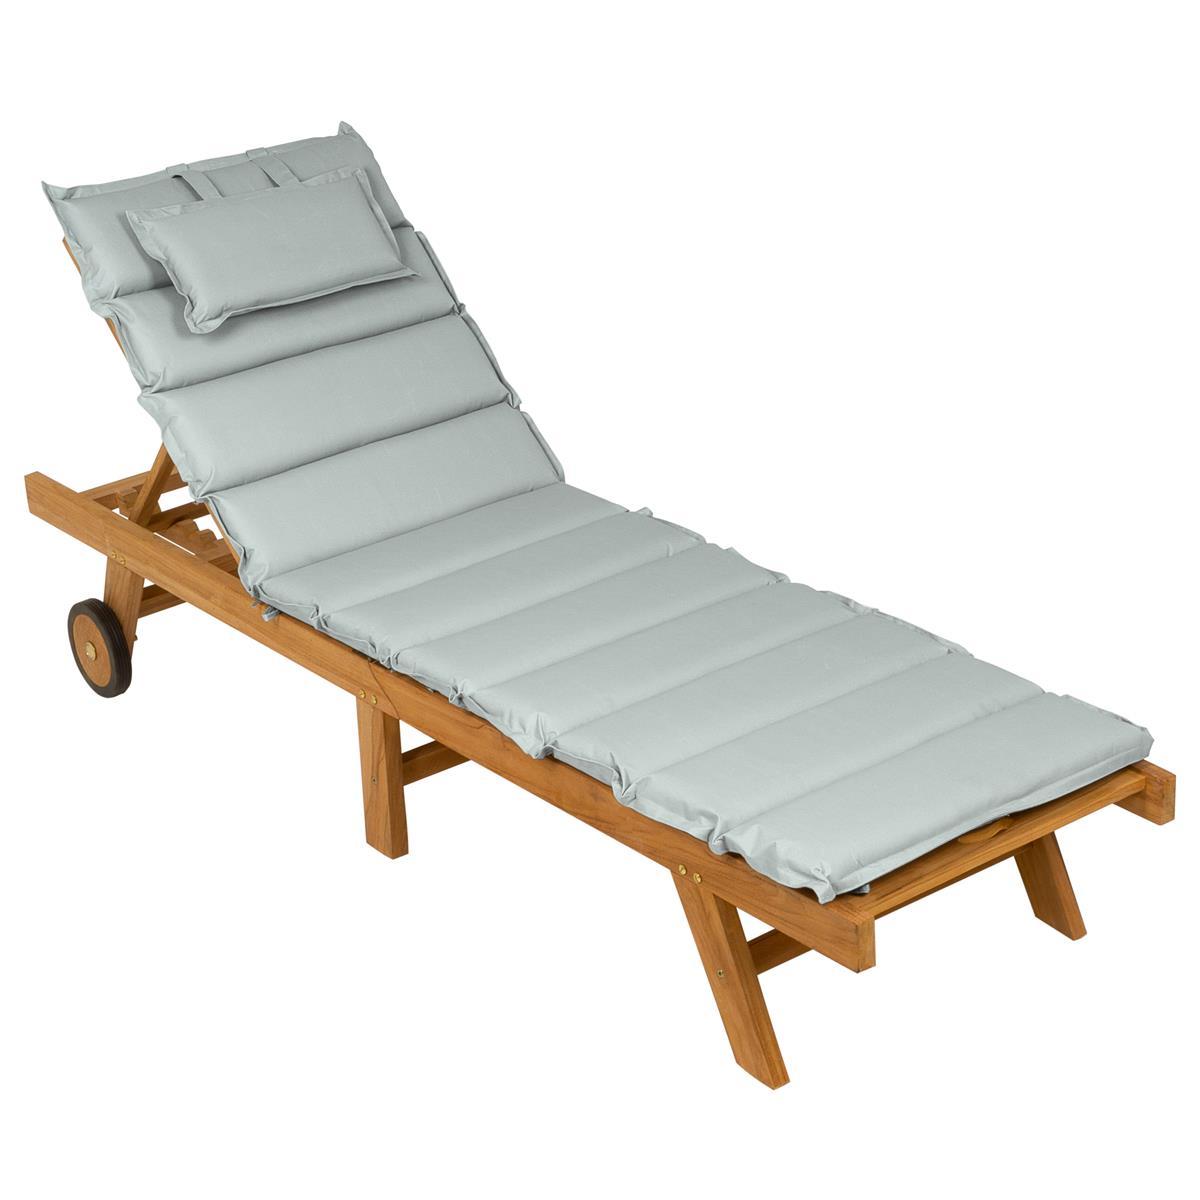 DIVERO Sonnenliege Gartenliege klappbar Teak-Holz behandelt Auflage hellgrau